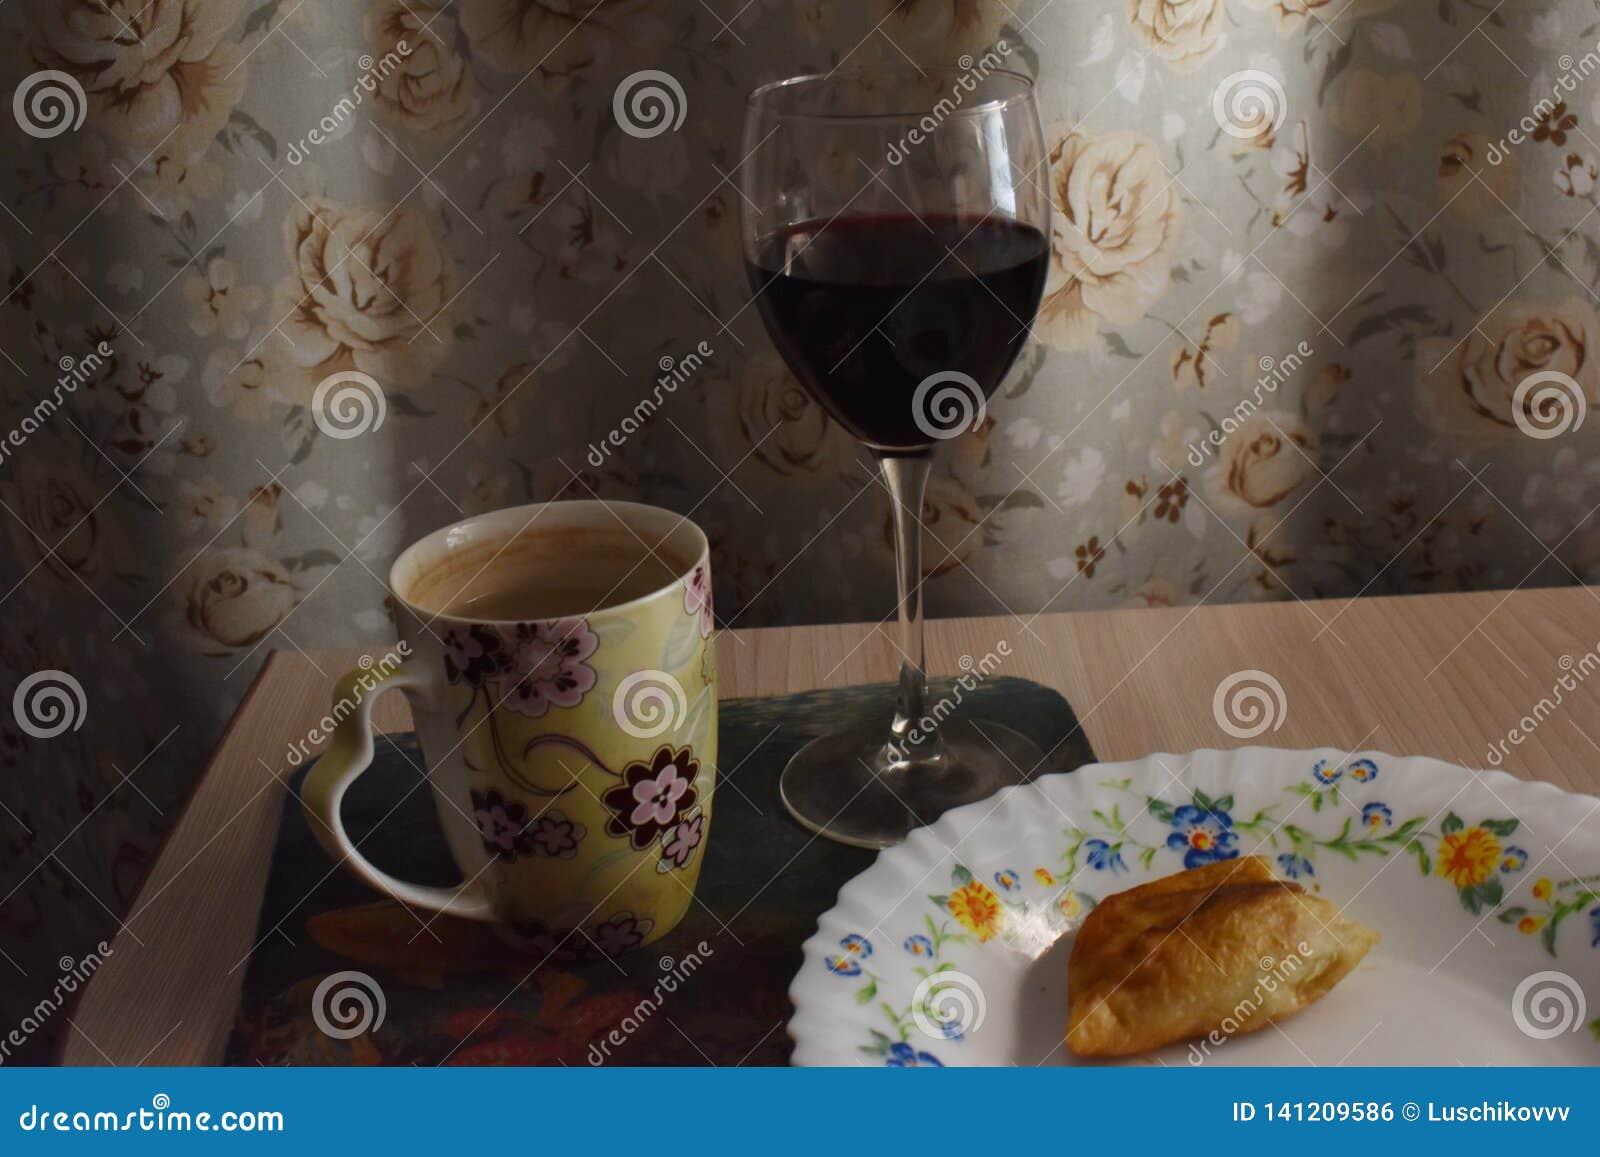 Vino domestico nel vetro con una torta mangiata per metà